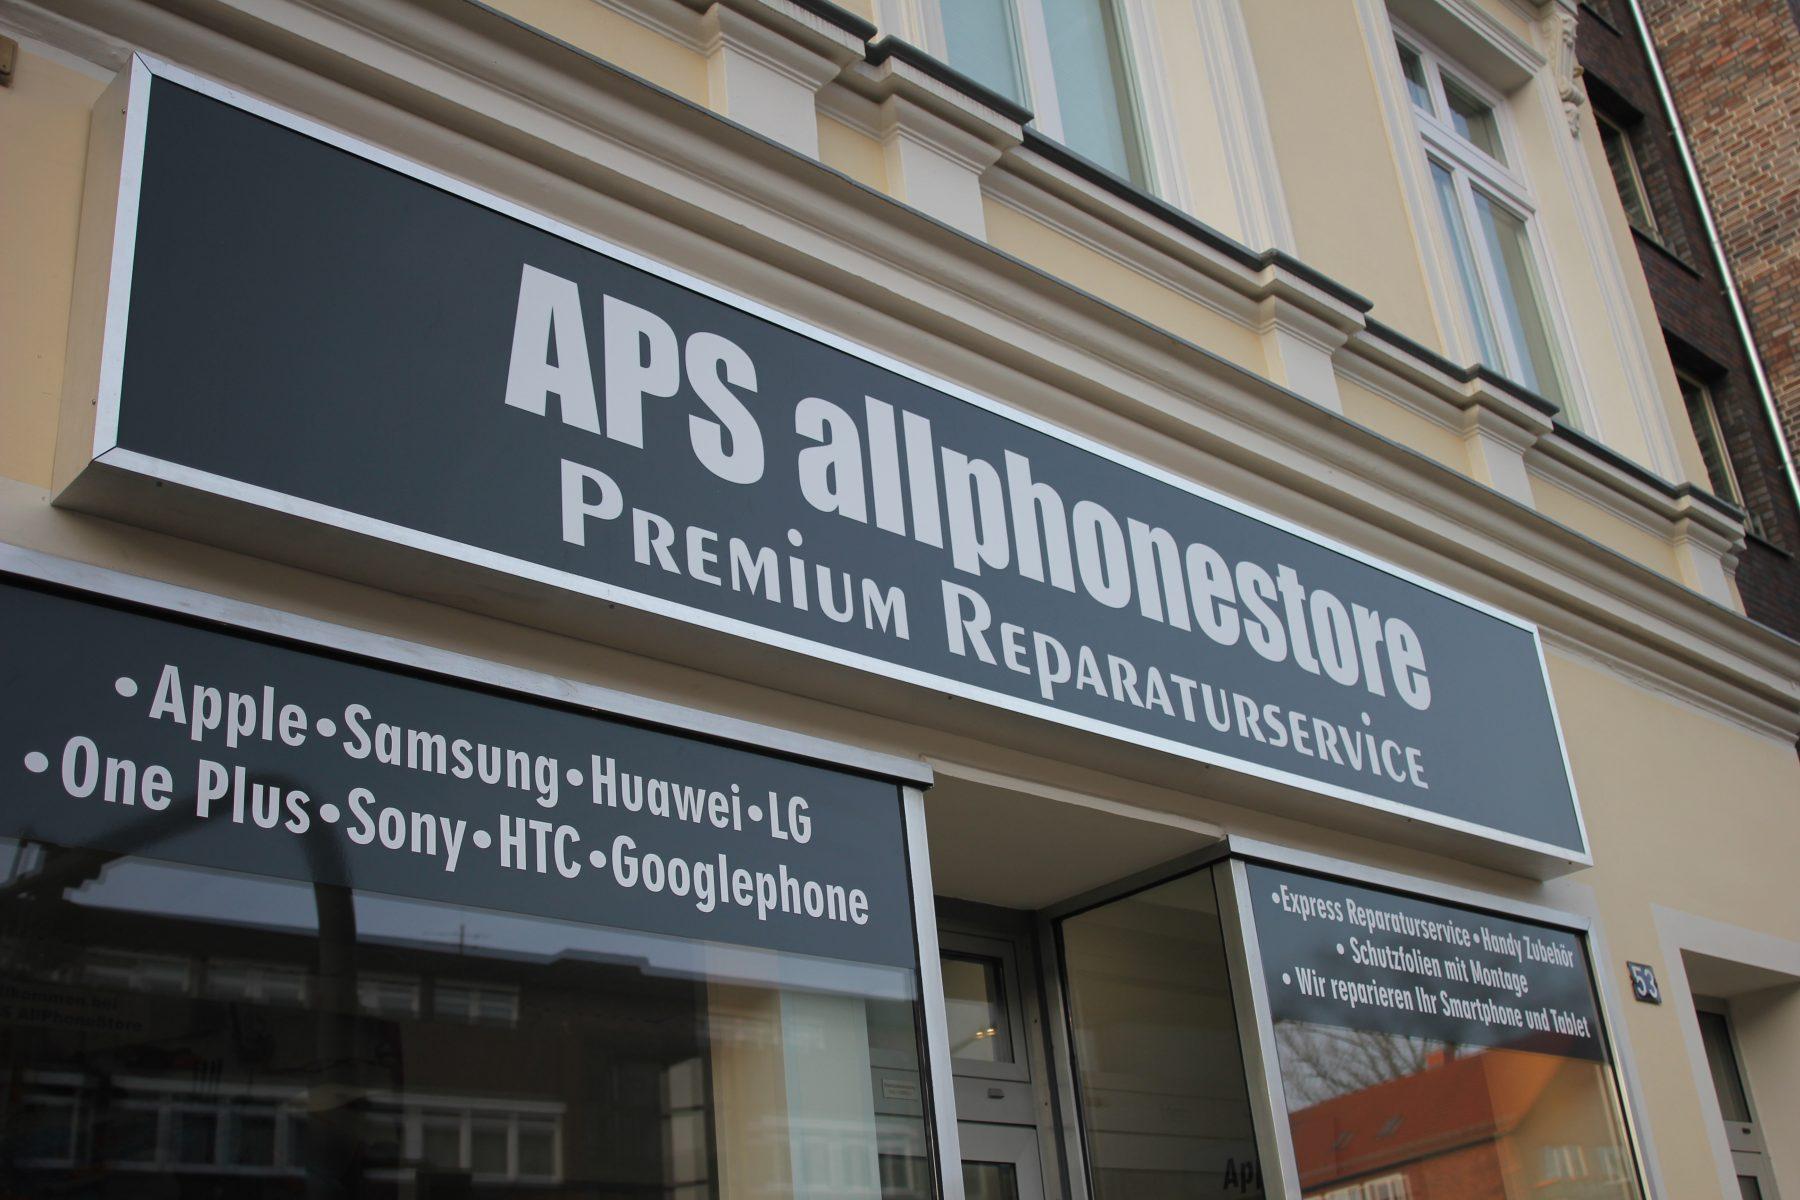 Der APS AllPhoneStore bietet Handyreparaturen an. Foto: APS AllPhoneStore